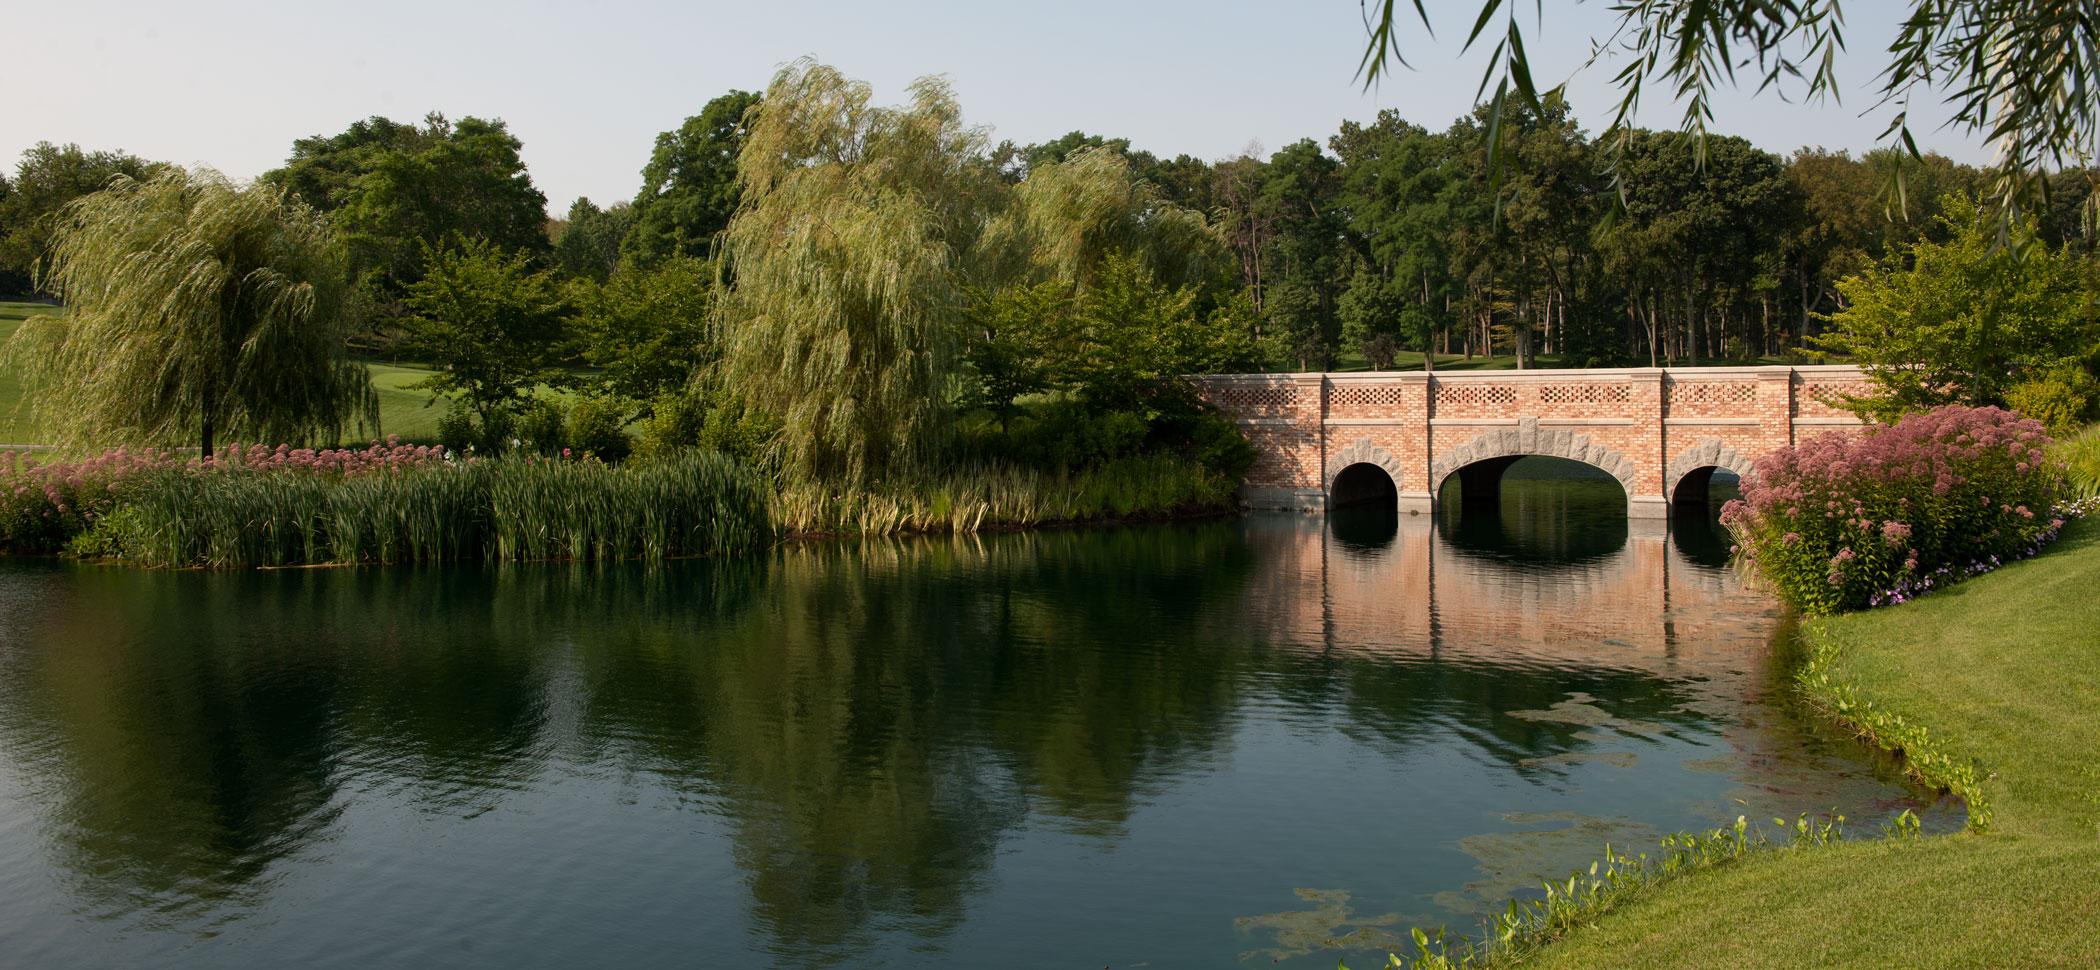 0309-bridge.jpg